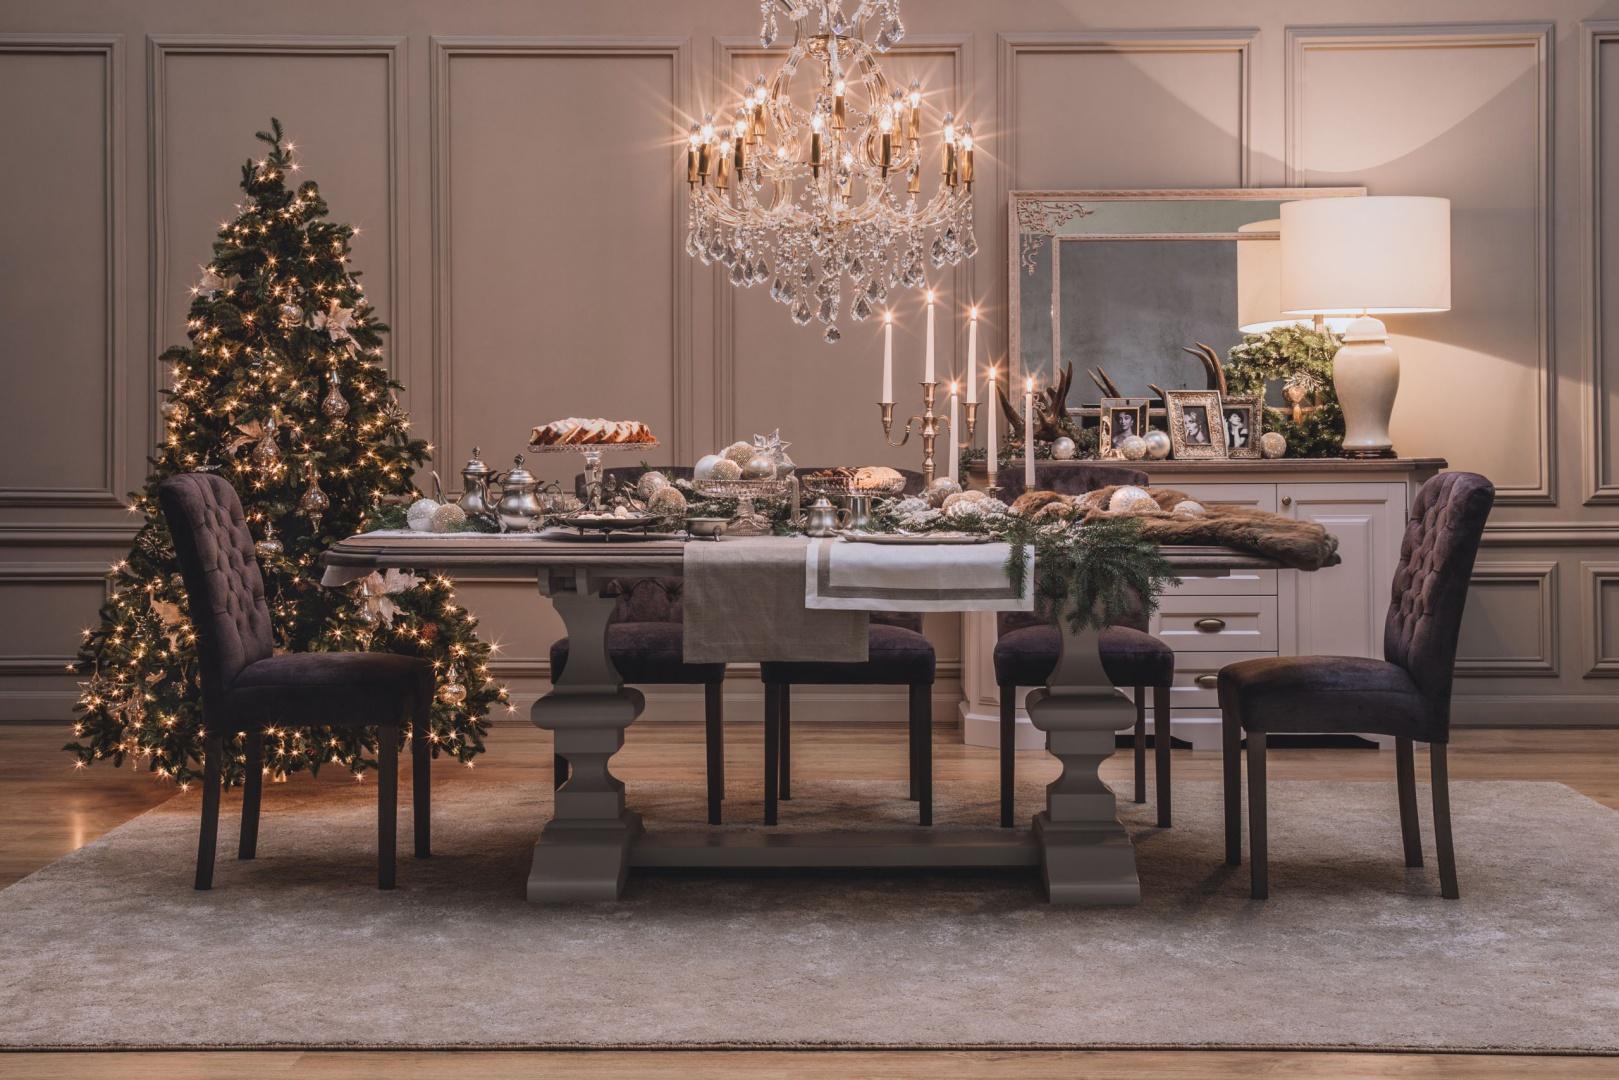 Stół Na święta 15 Pięknych Stylizacji Galeria Dobrzemieszkajpl